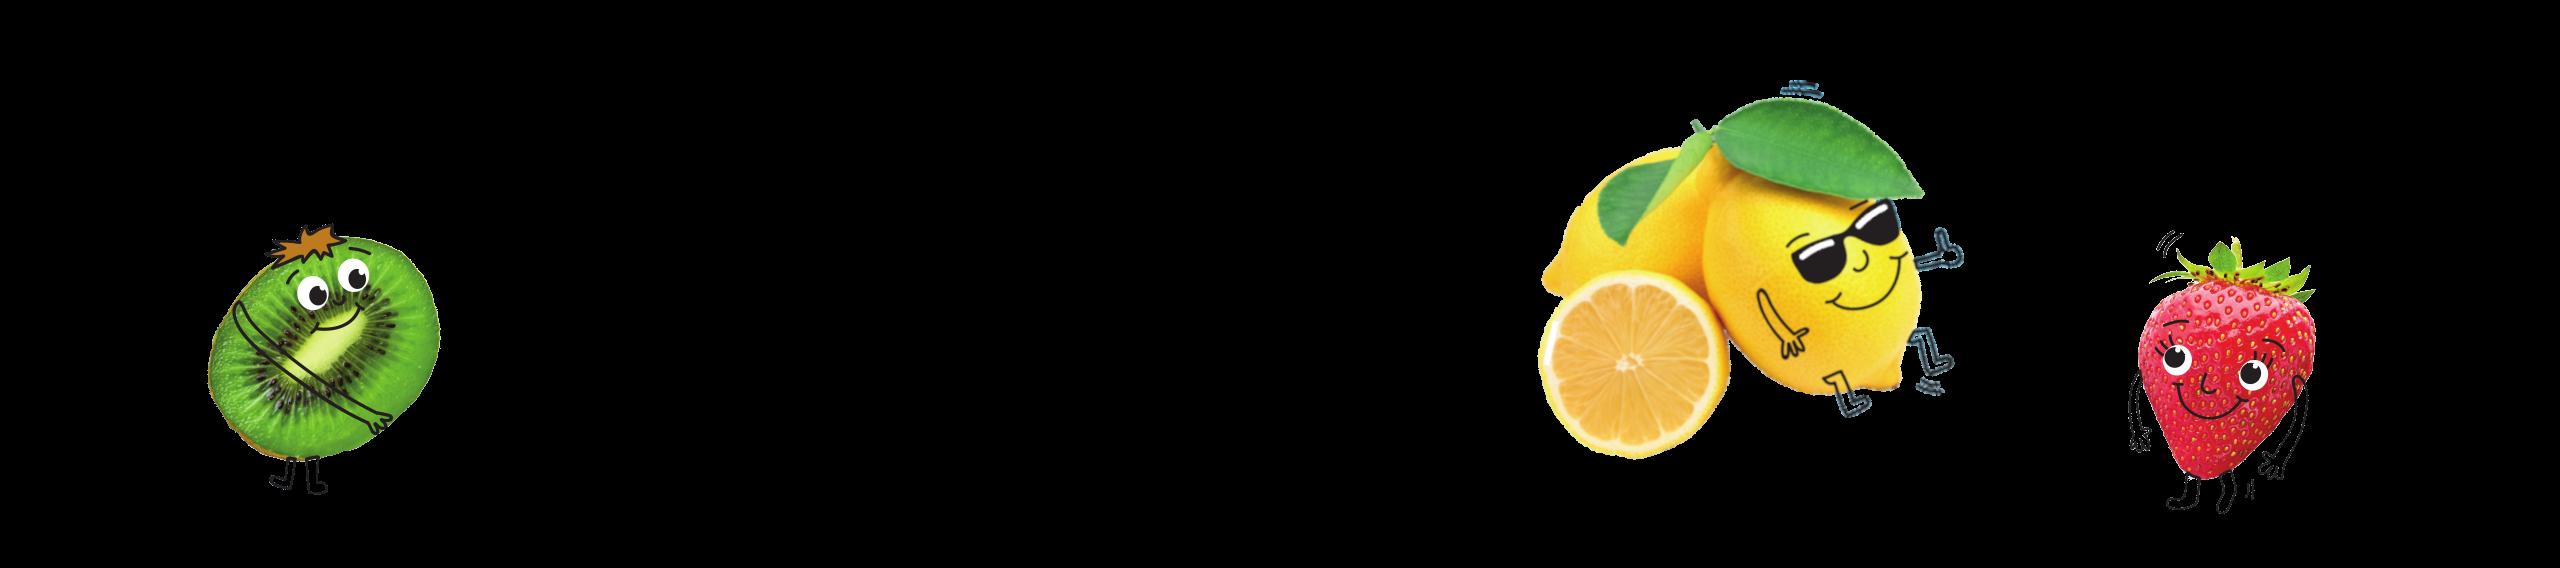 Bloc Traubenzucker Früchte Banner mit Kiwi, Zitrone und Erdbeere